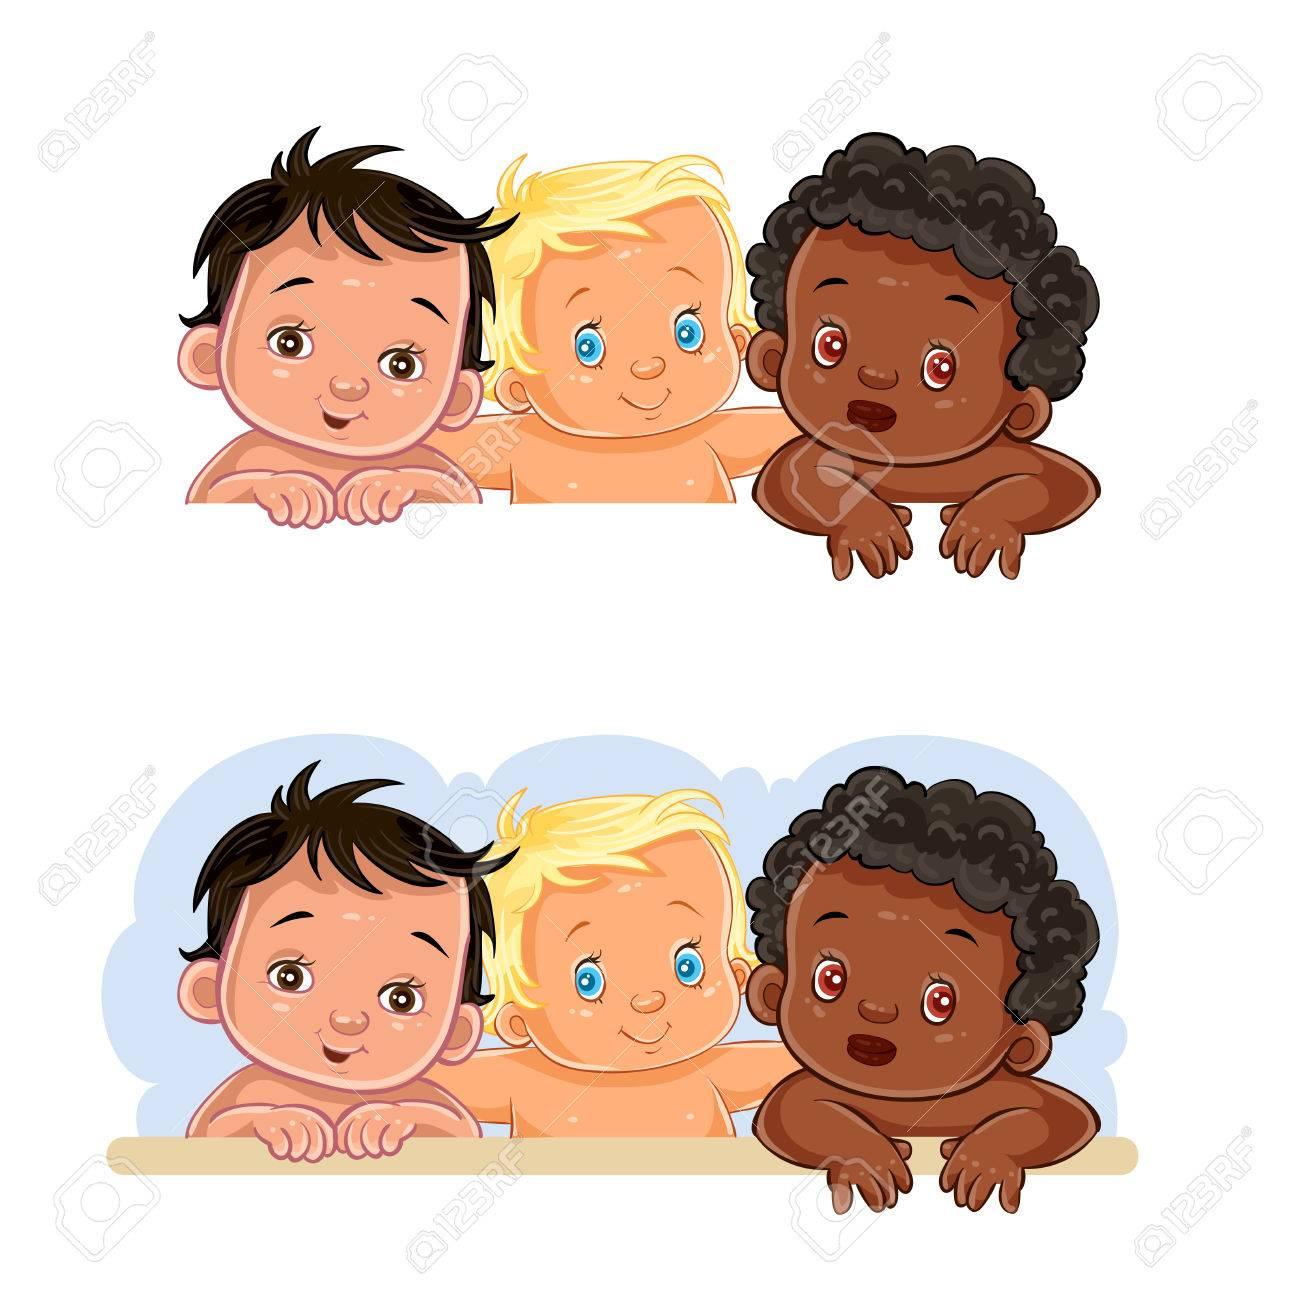 Set Von Vektor Cliparts Illustrationen Von Kleinen Kindern